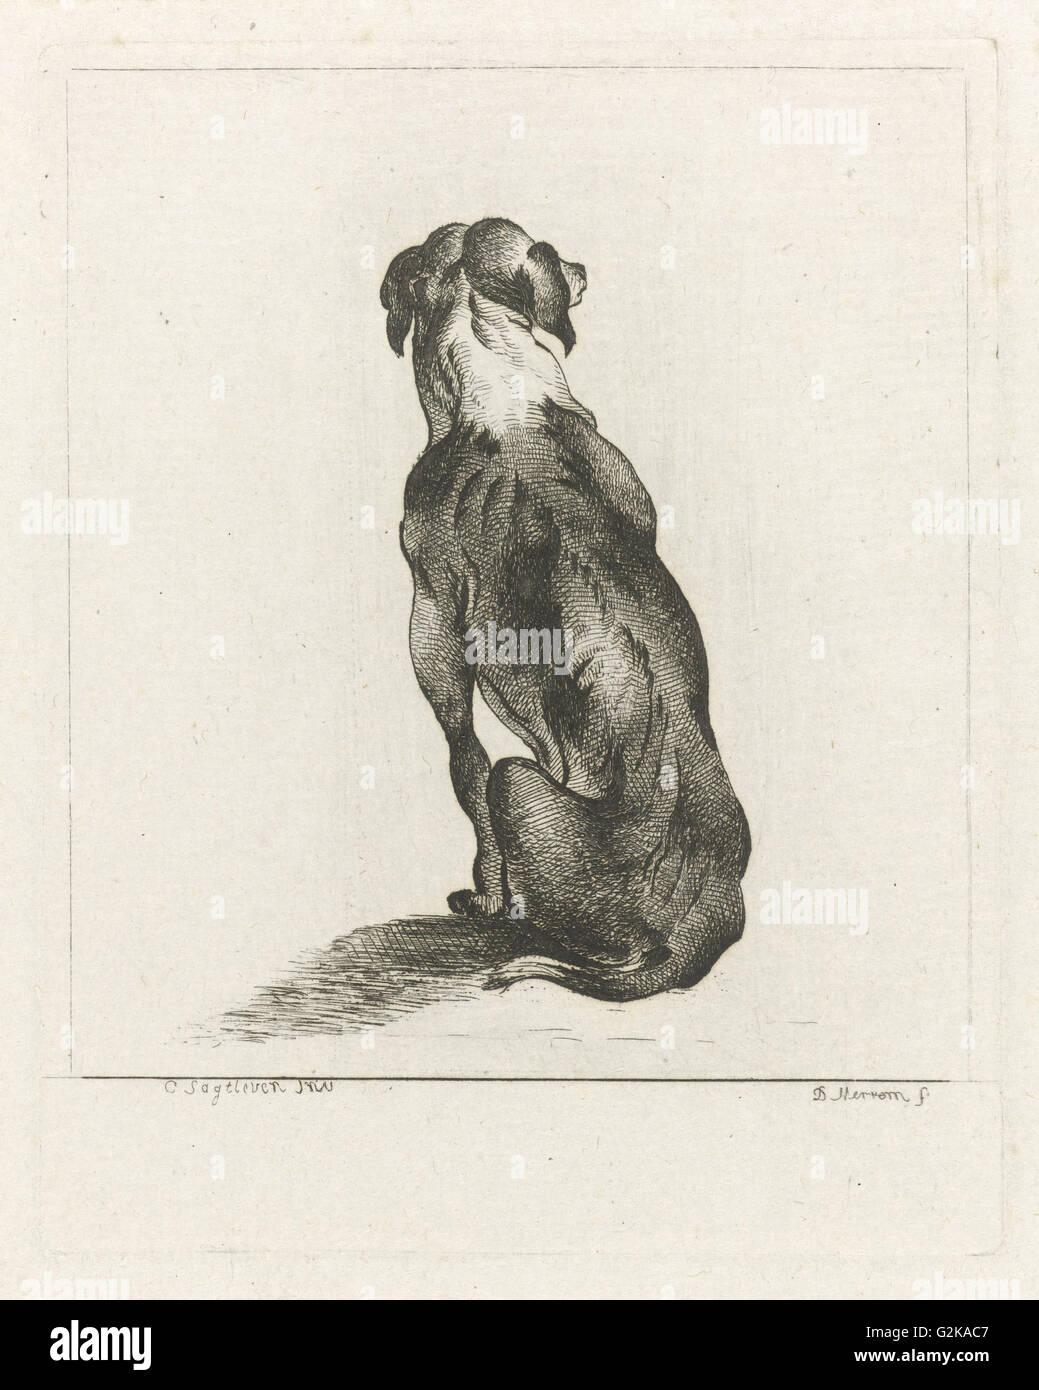 Udienza cane, D. Merrem, 1700 - 1800 Immagini Stock